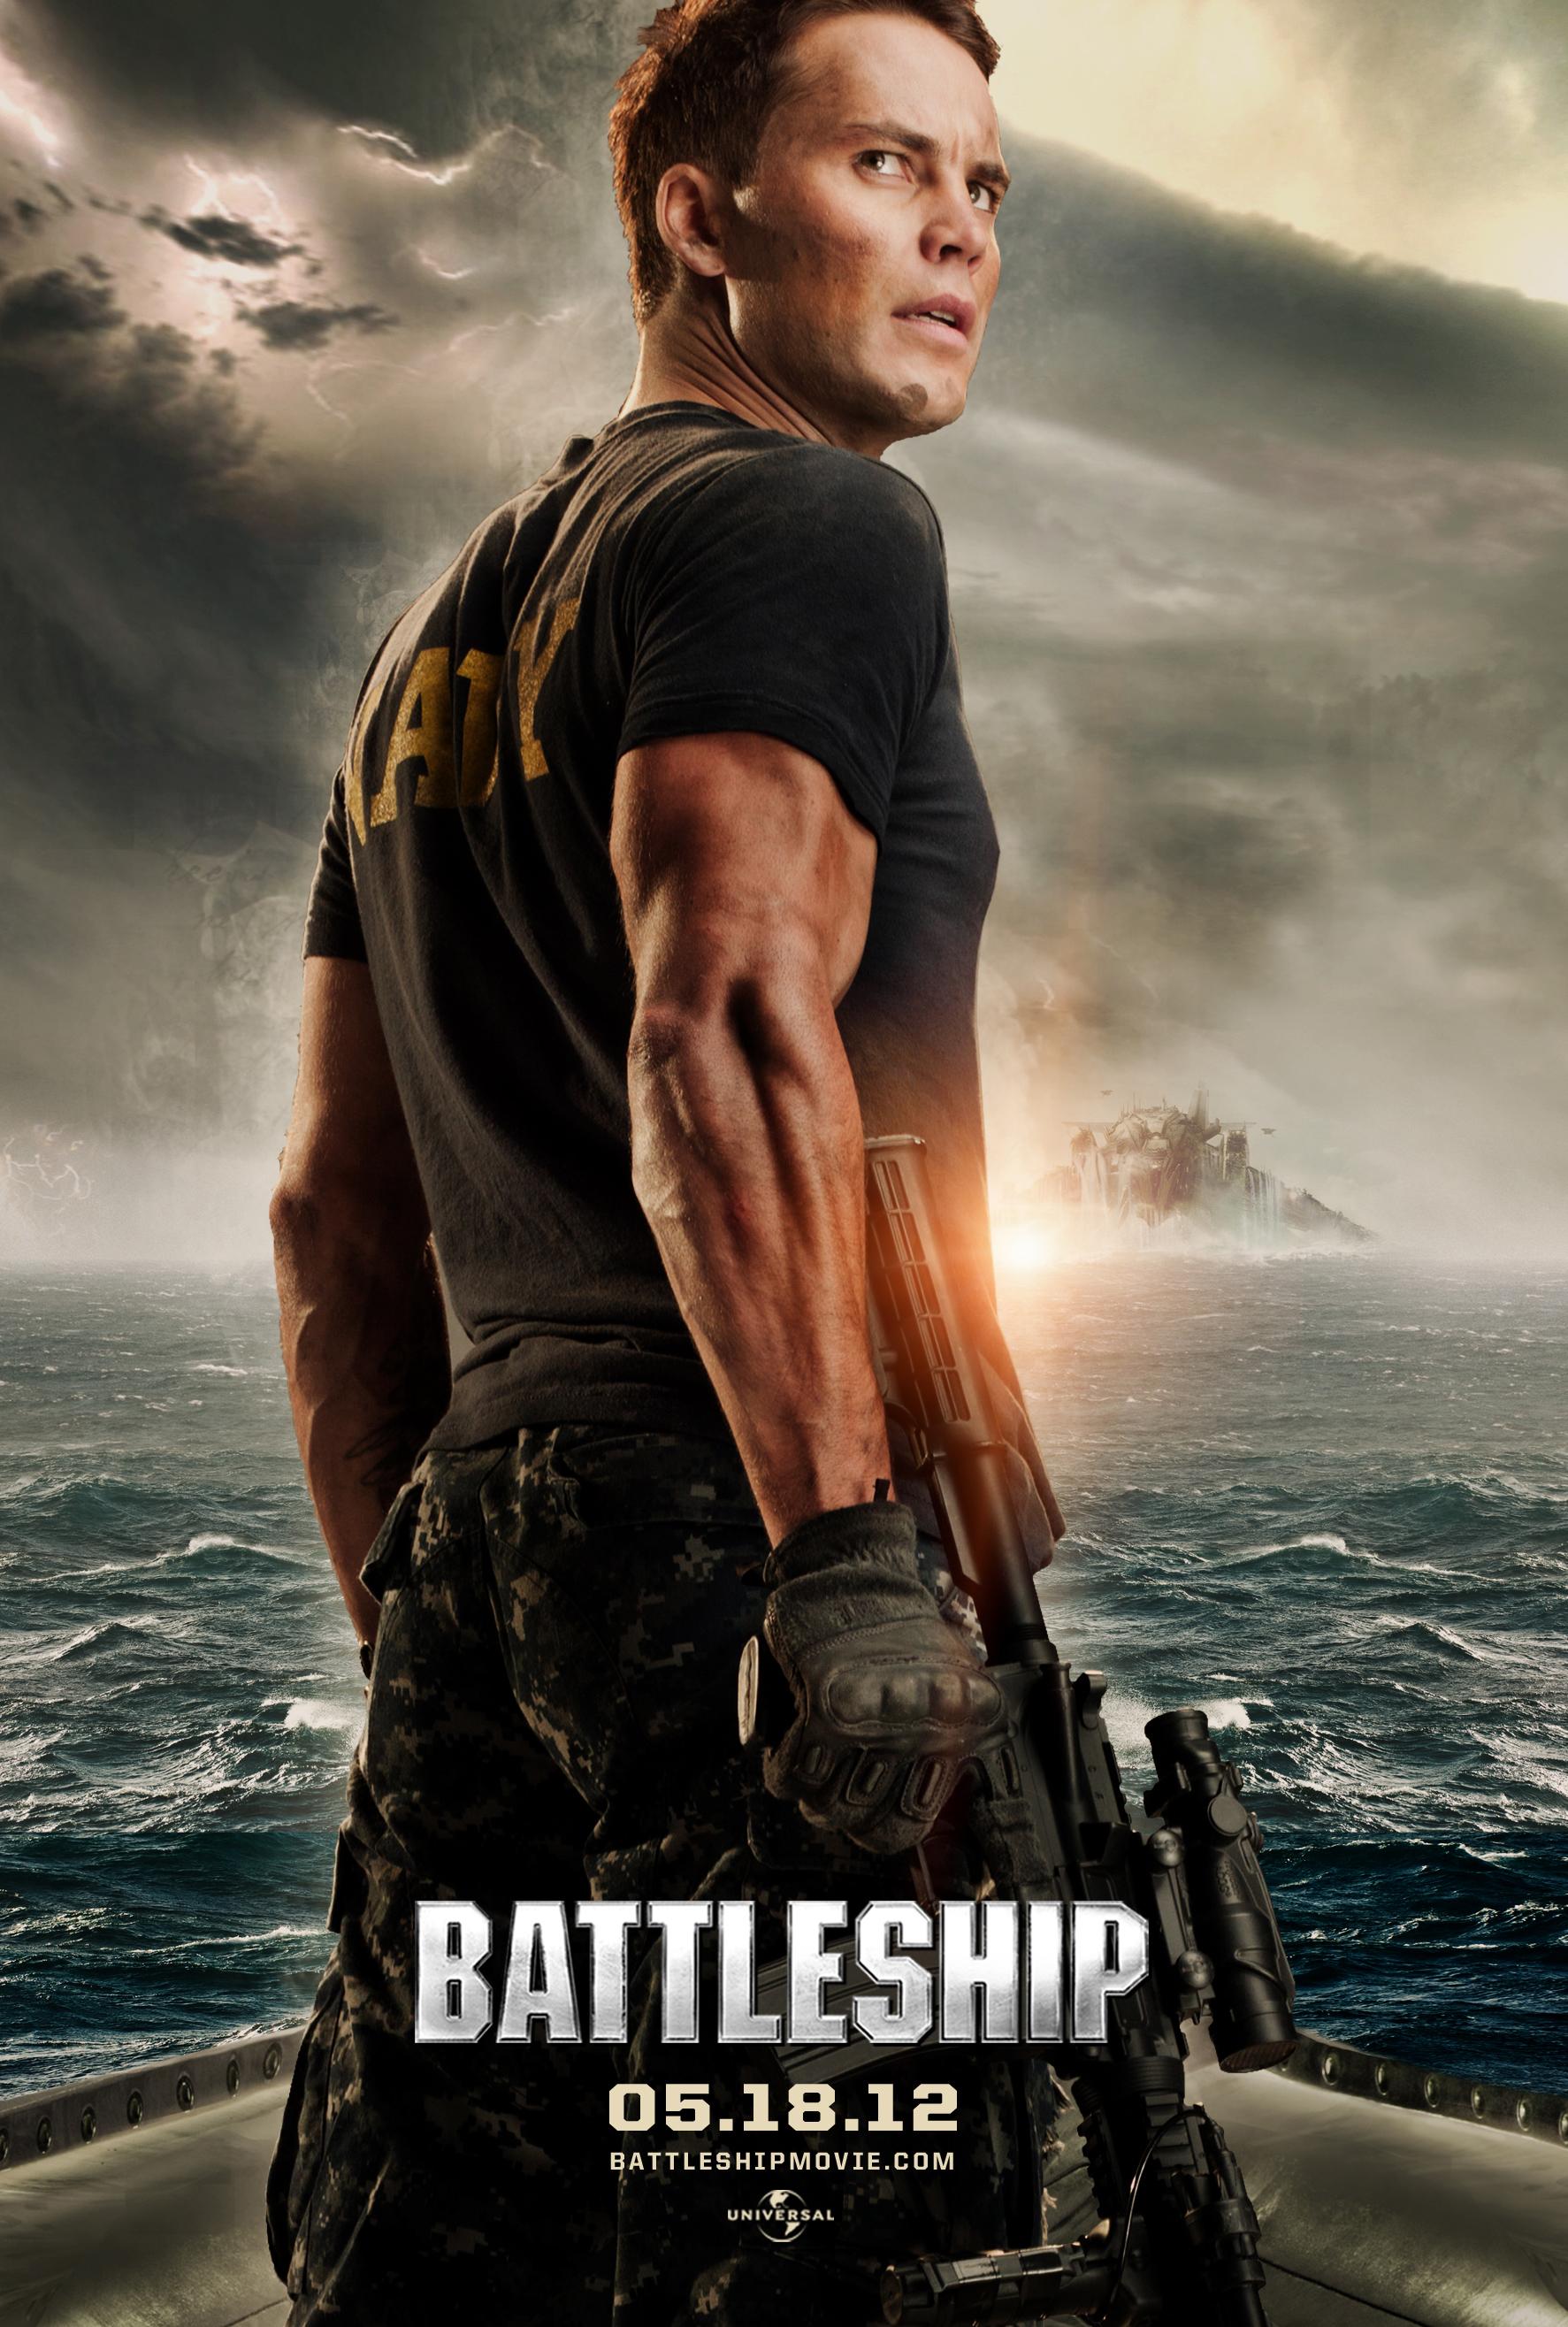 Battleship_CharTease_01_ps.jpg